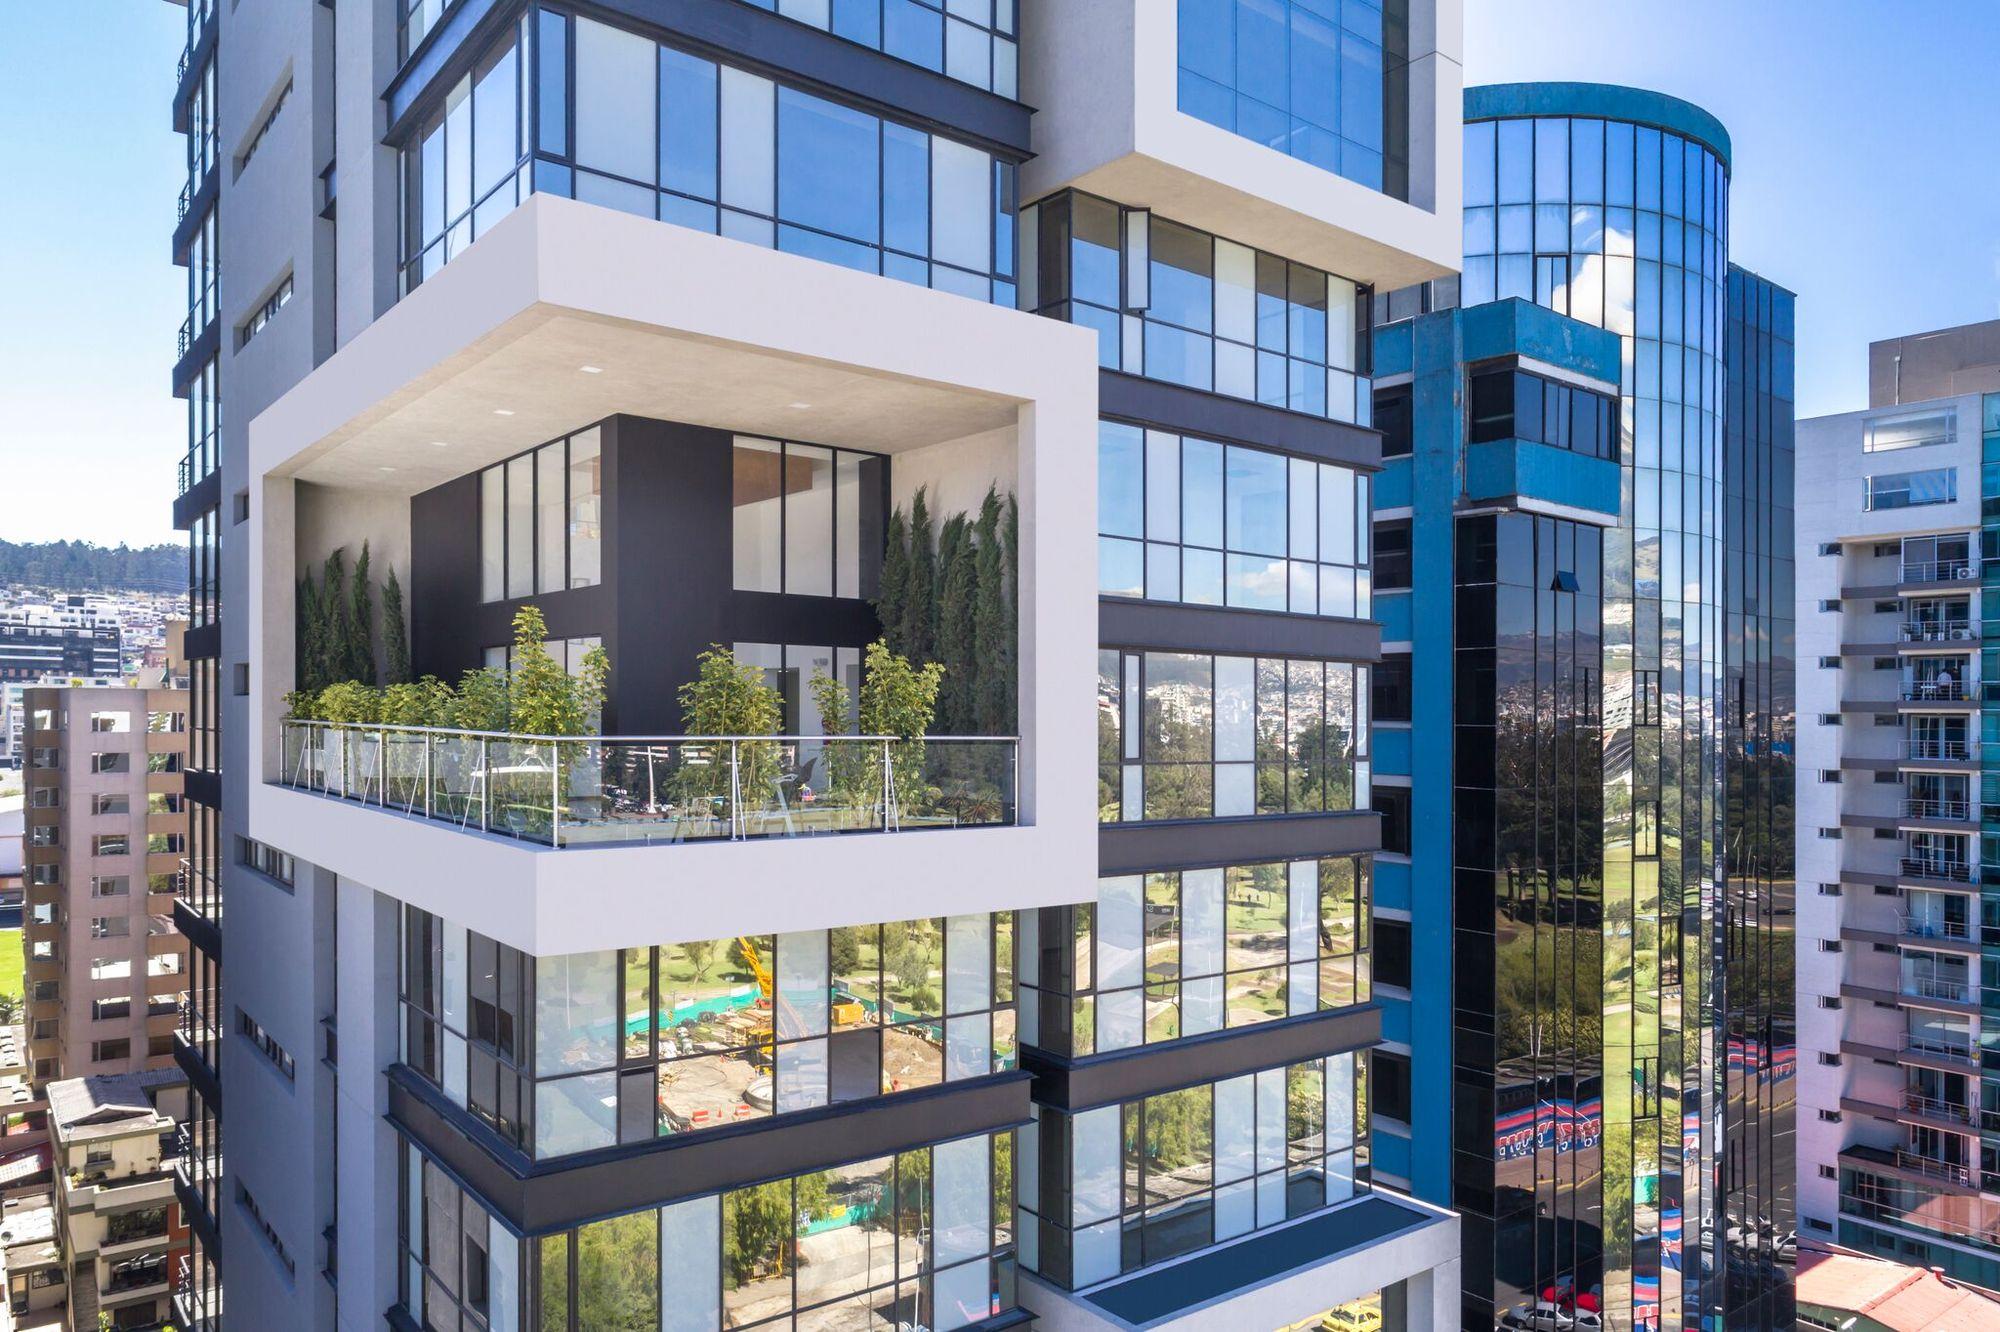 Edificio portimao esteban duthan shaell duthan for Arquitectura departamentos modernos